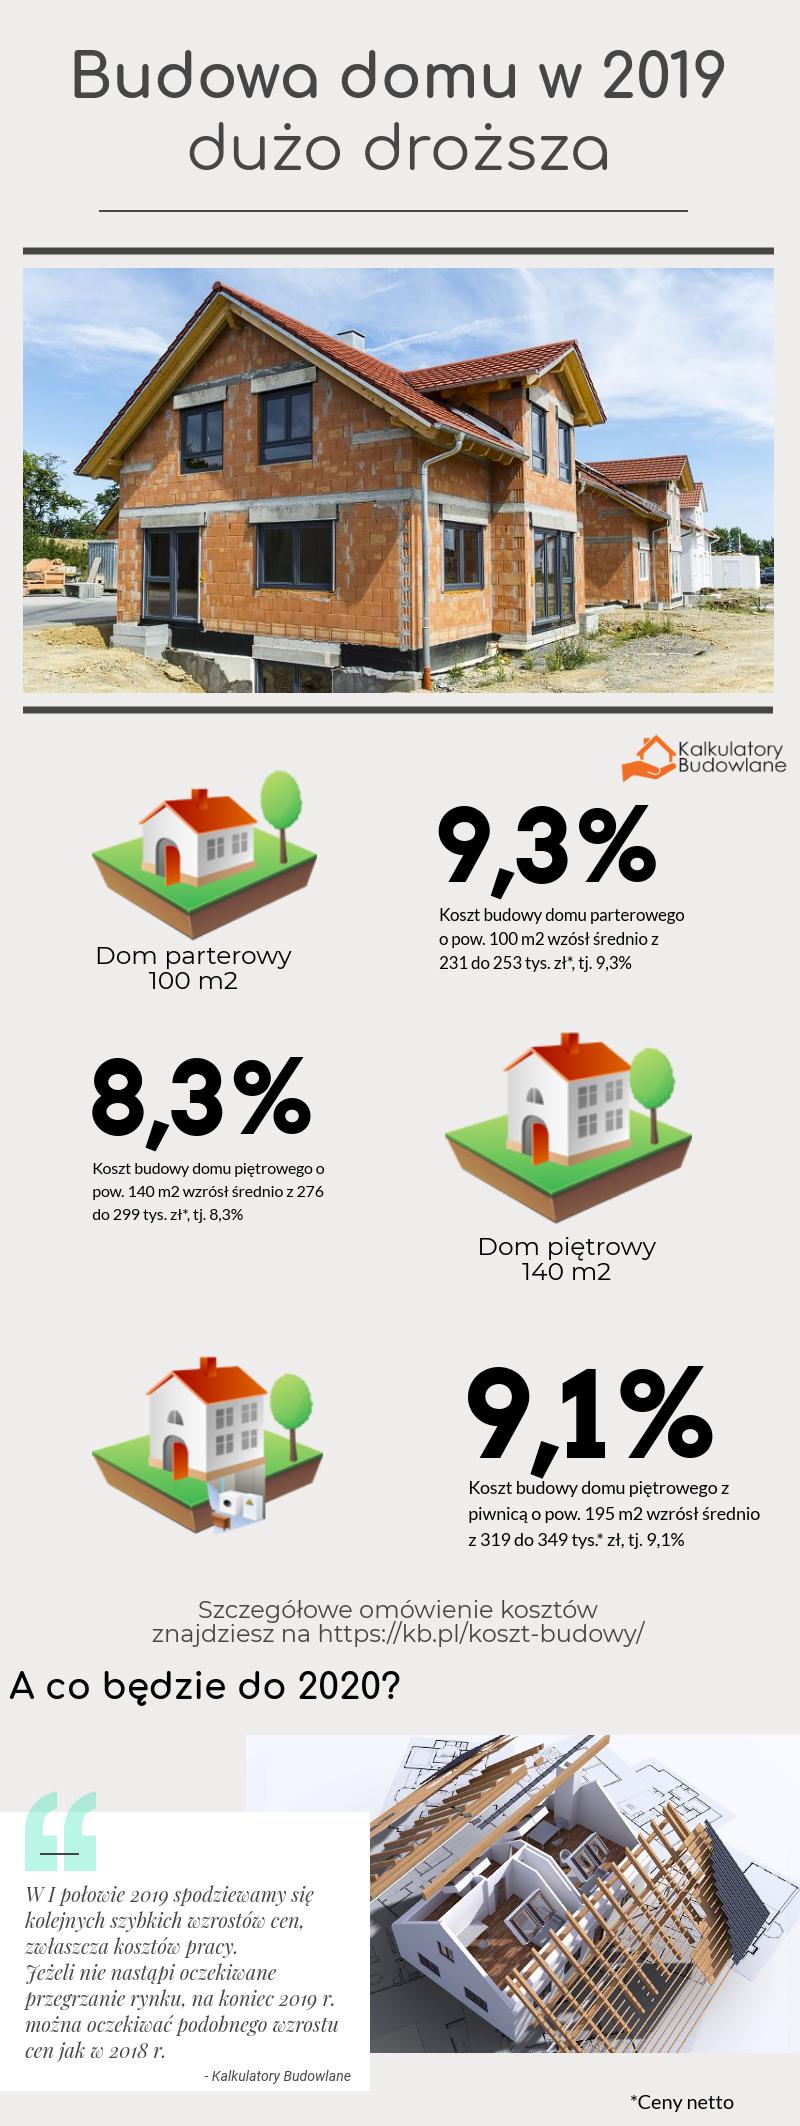 Koszty budowy domu 2019 w porównaniu do 2018 - ceny wzrosły średnio o 8.3-9.3%